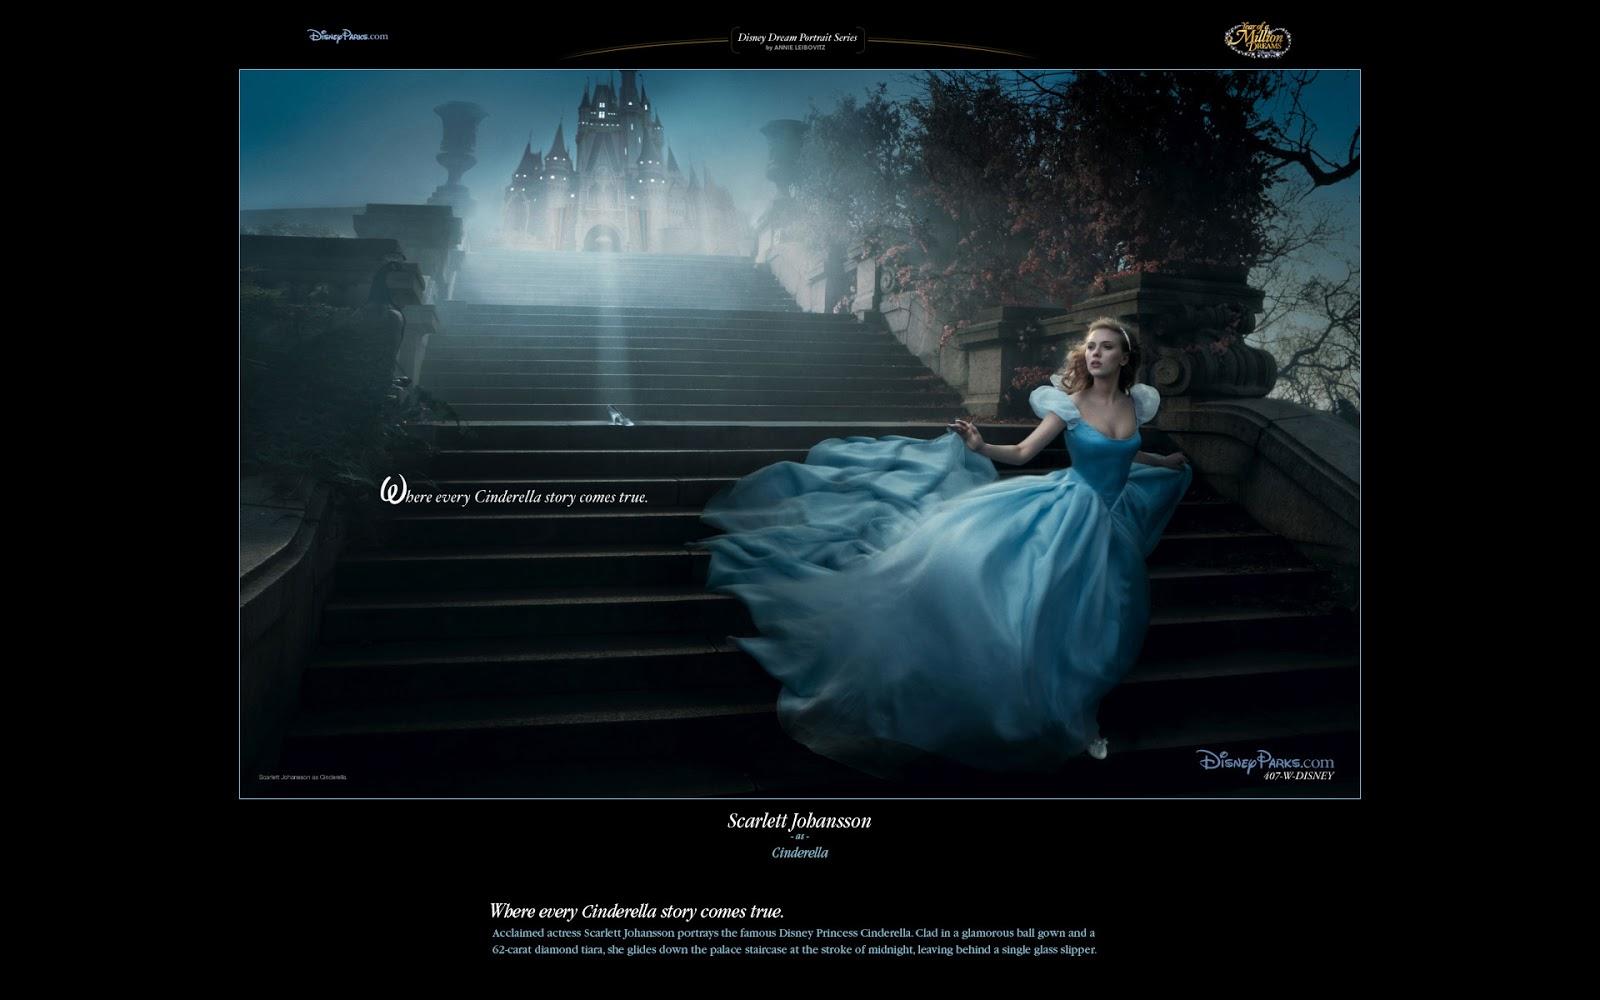 http://1.bp.blogspot.com/_1bwqTCS6G7Q/TSzw0uel0rI/AAAAAAAACQI/rOrBlJ73g0M/s1600/Leibovitz03_Johansson_Cind.jpg